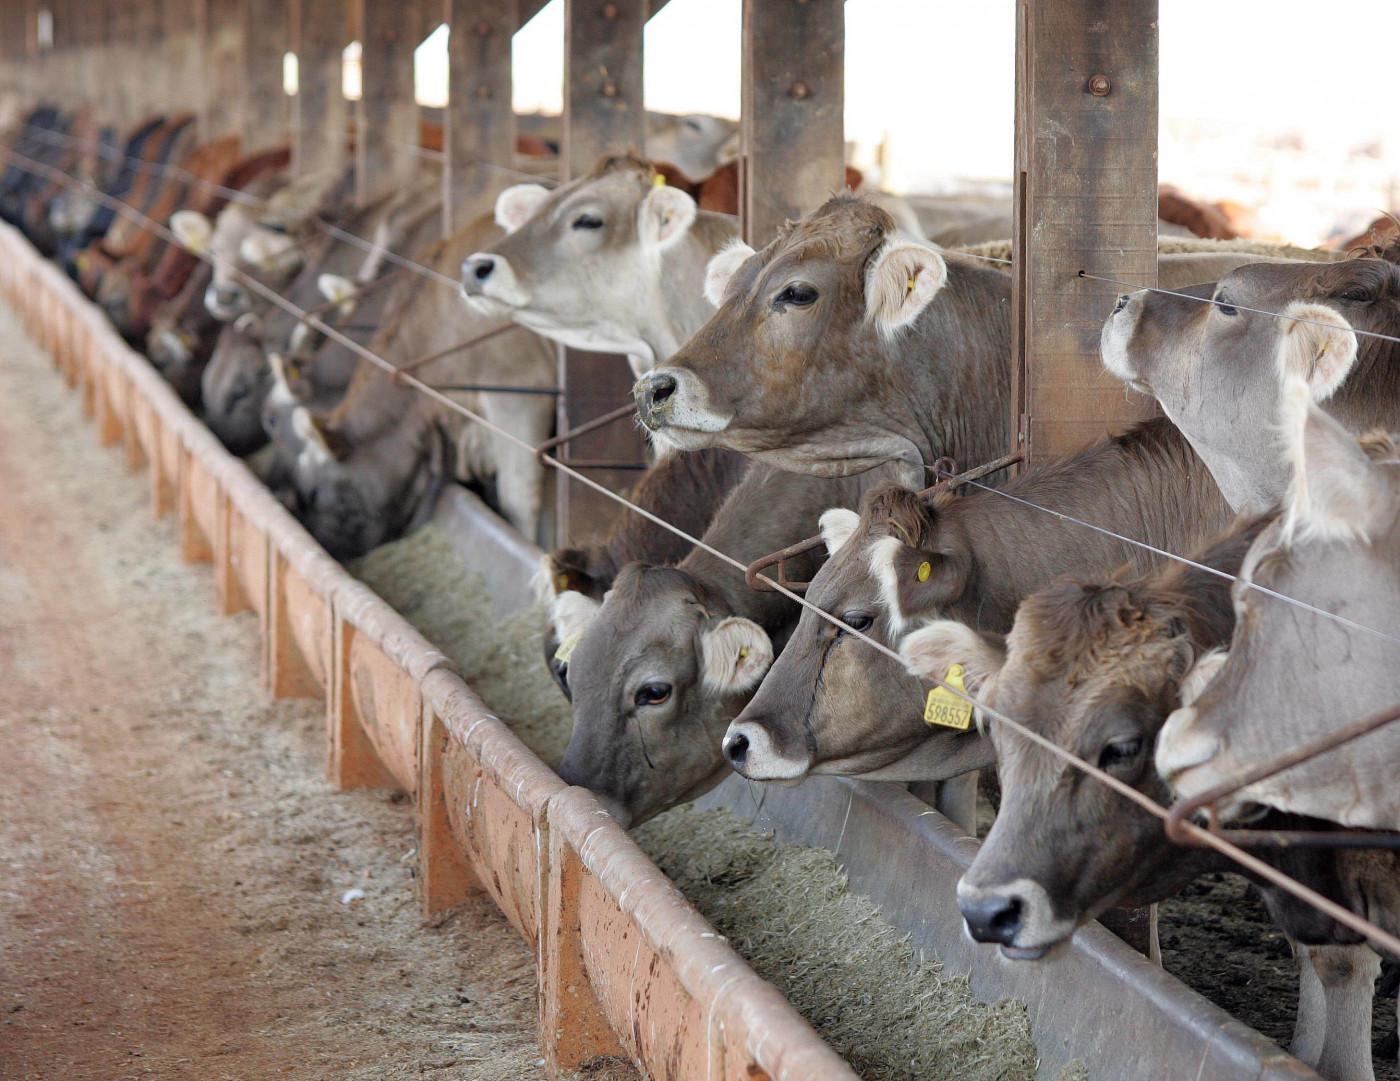 Vários bois um ao lado do outro comendo em um comedouro com uma cerca fina na frente das cabeças